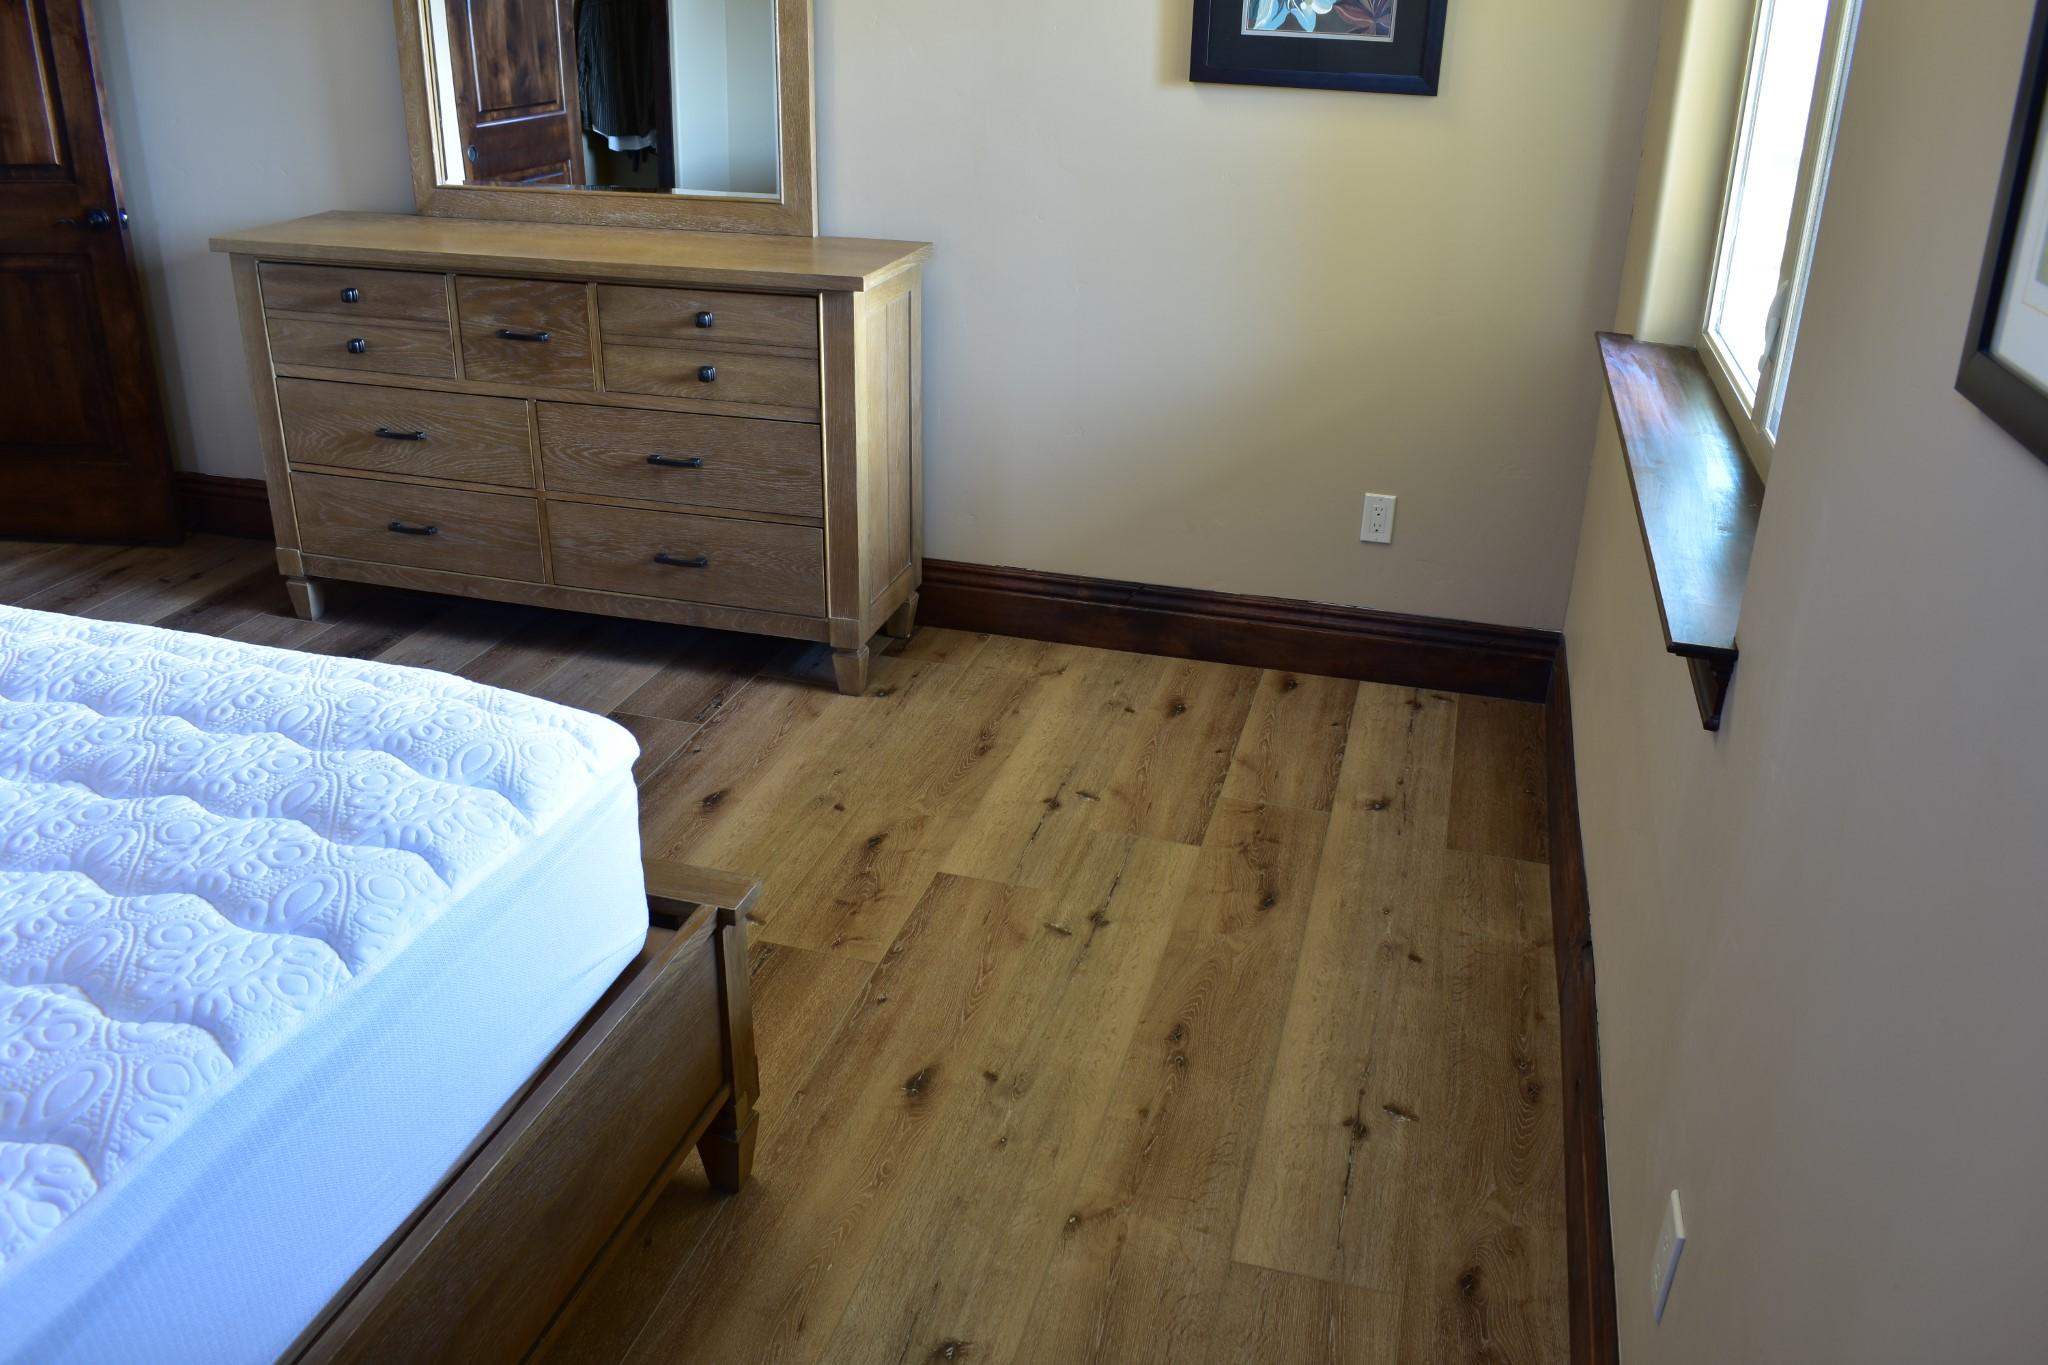 Waterproof Laminate Floors Bedroom Sofa Window